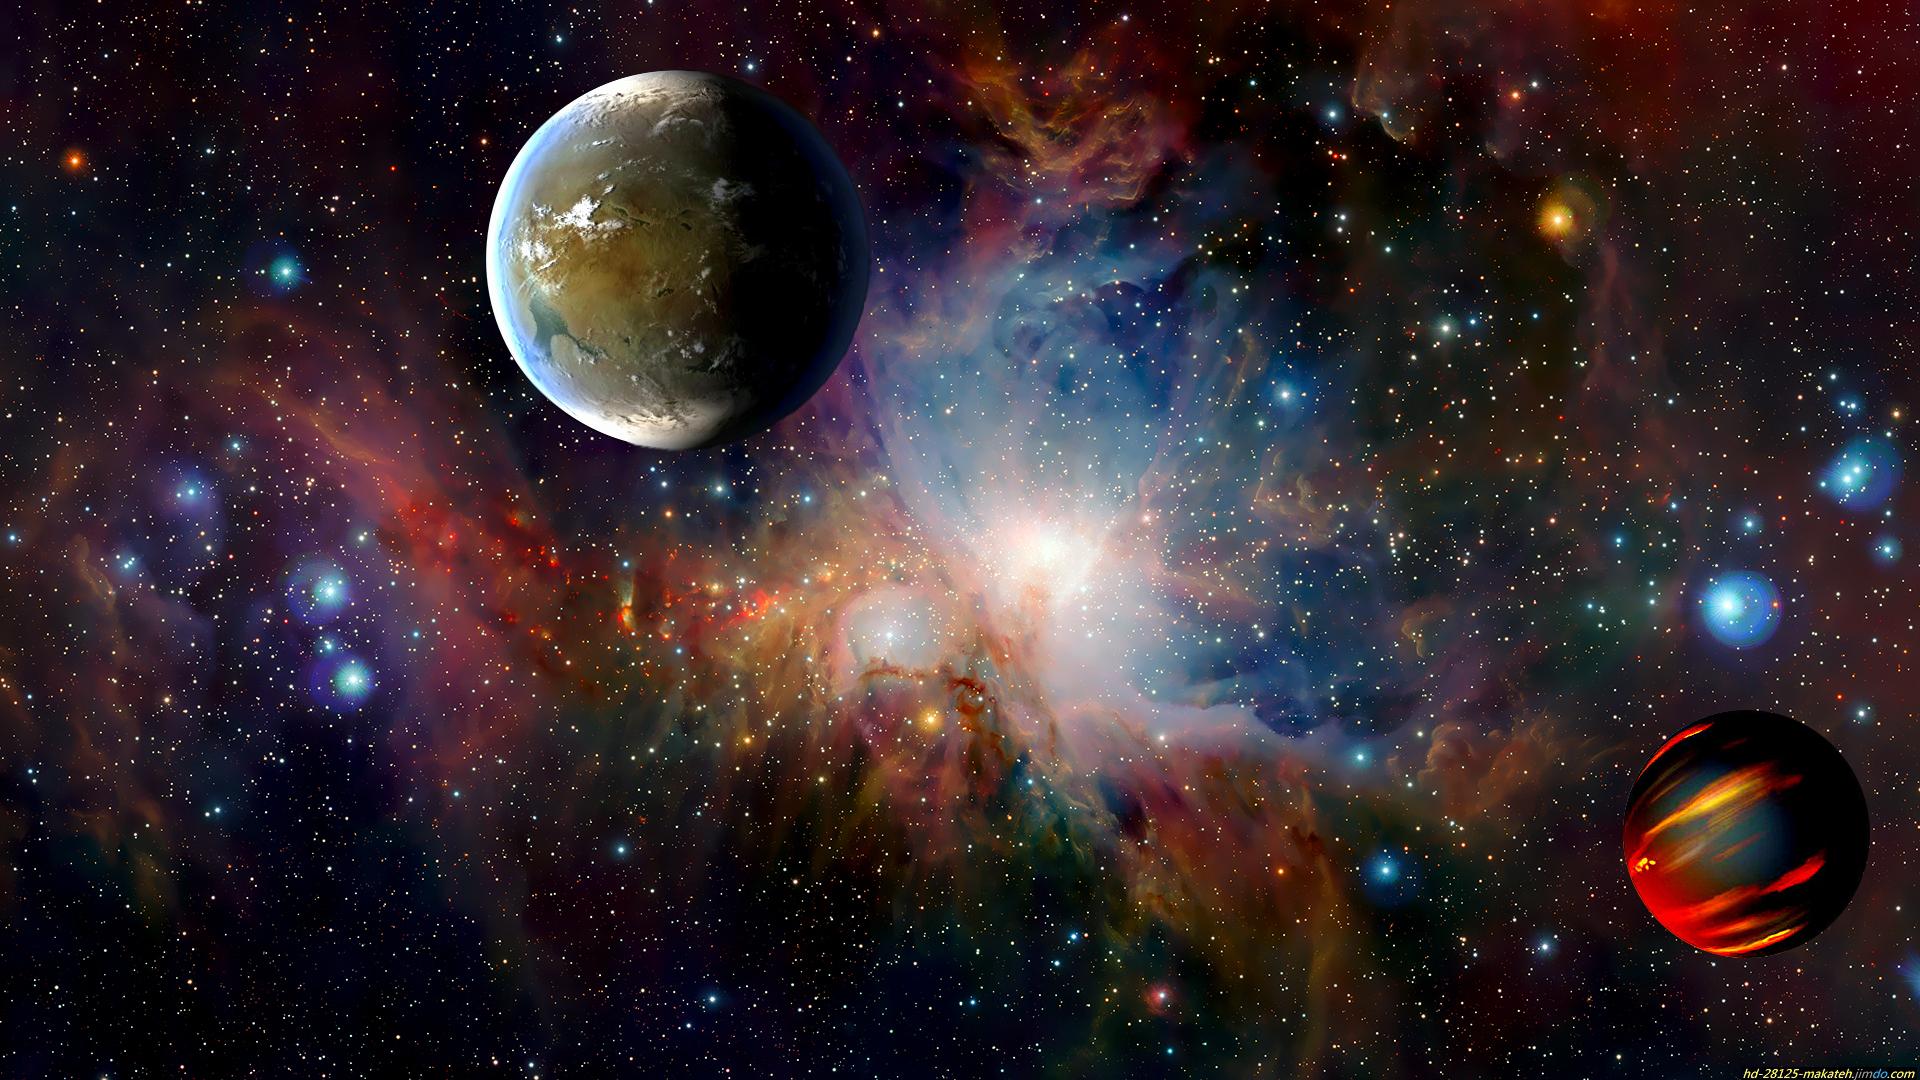 mercury planet desktop backgrounds - photo #22